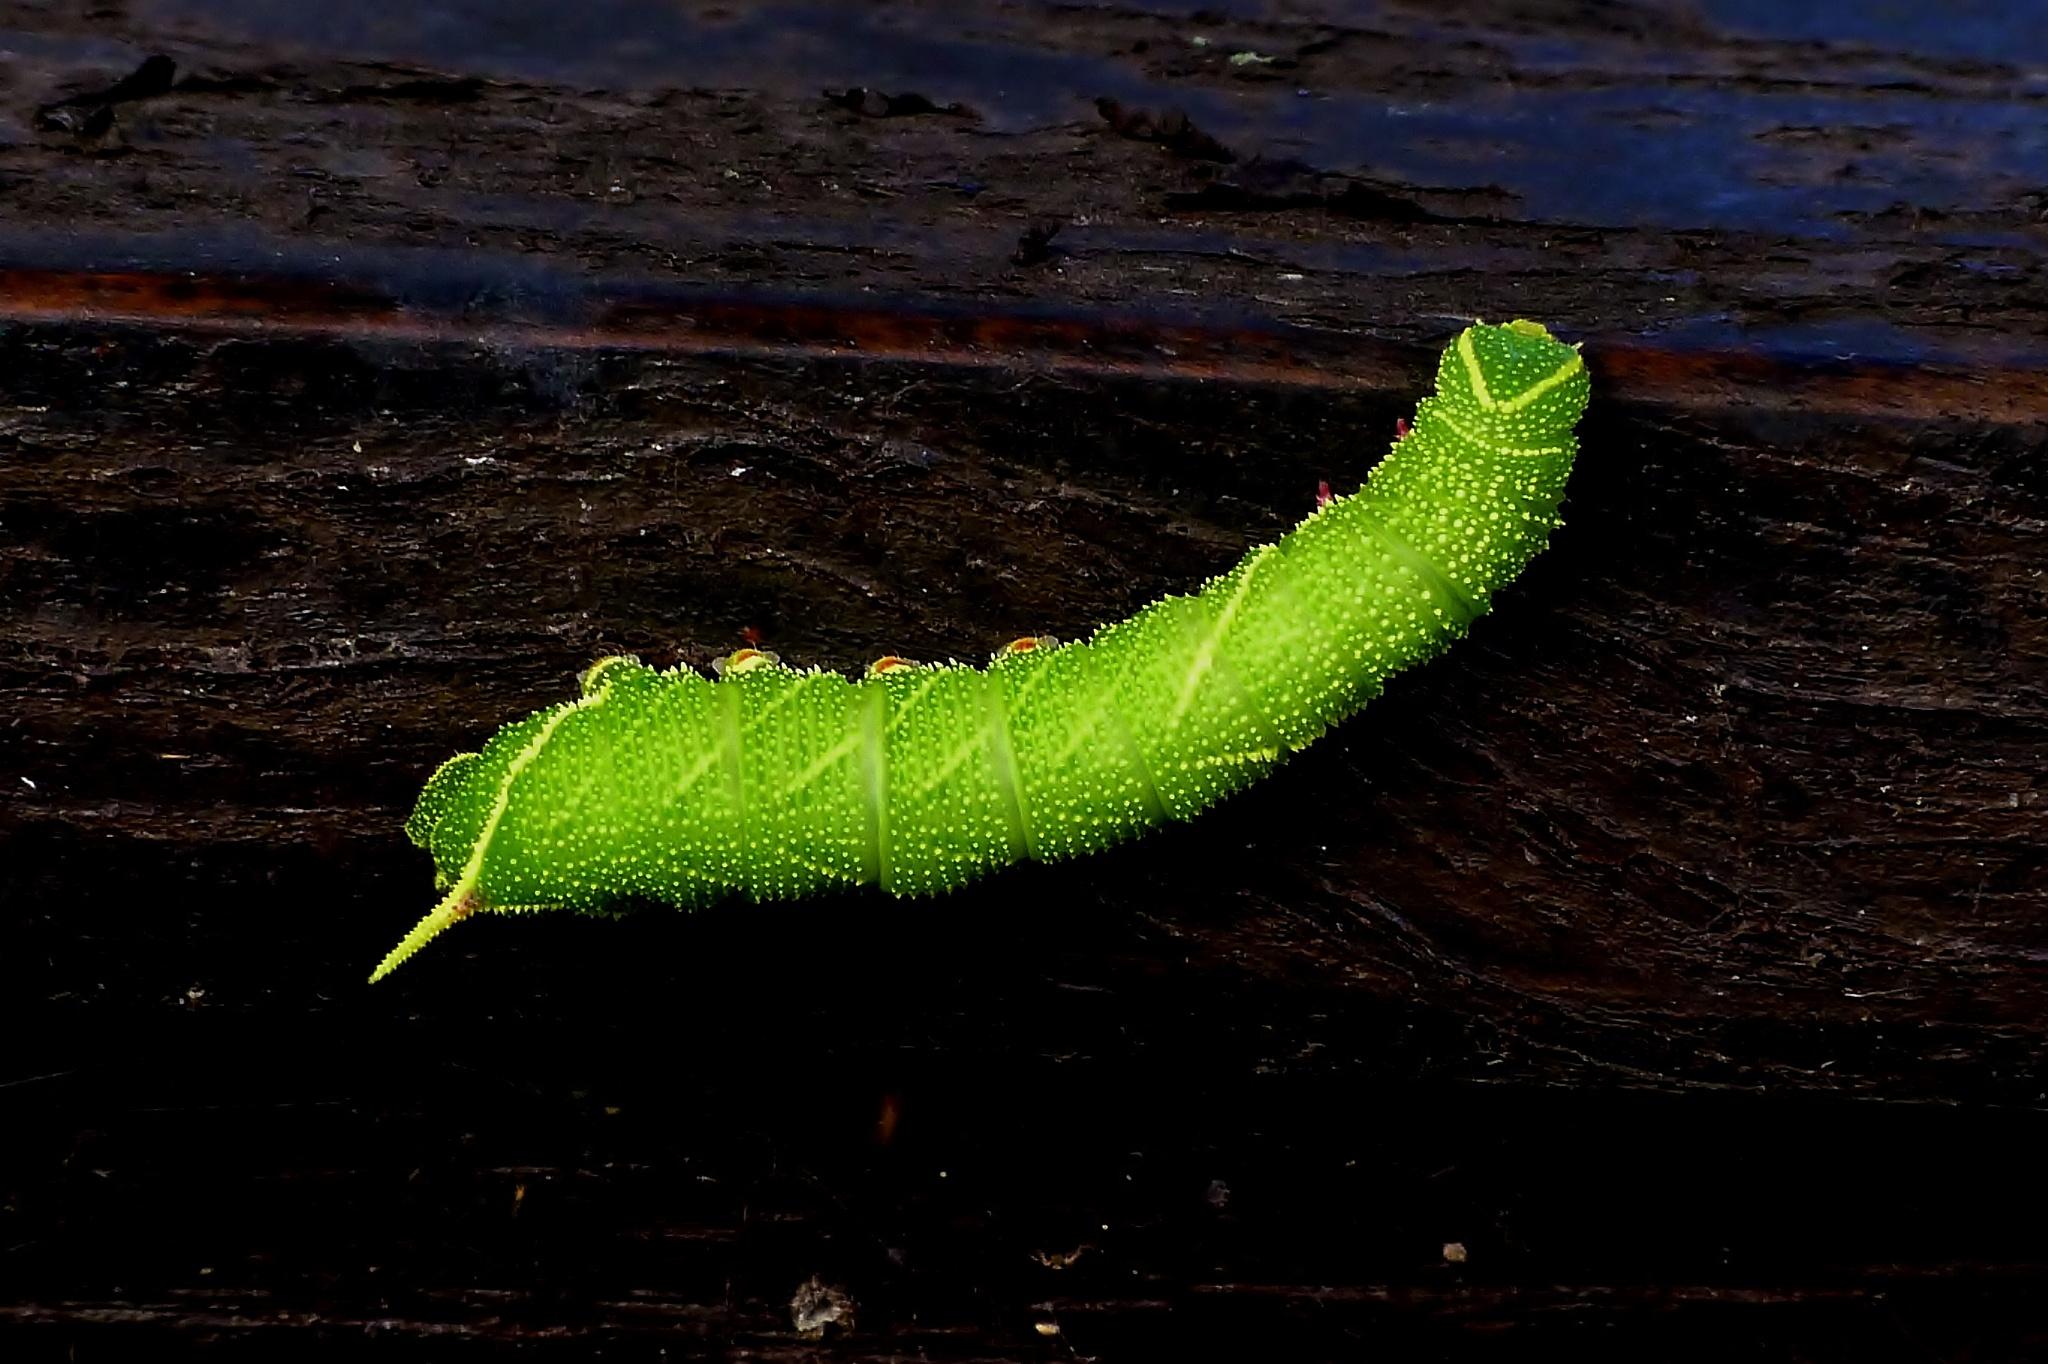 Hawksmoth Caterpillar 002 by paul.hosker